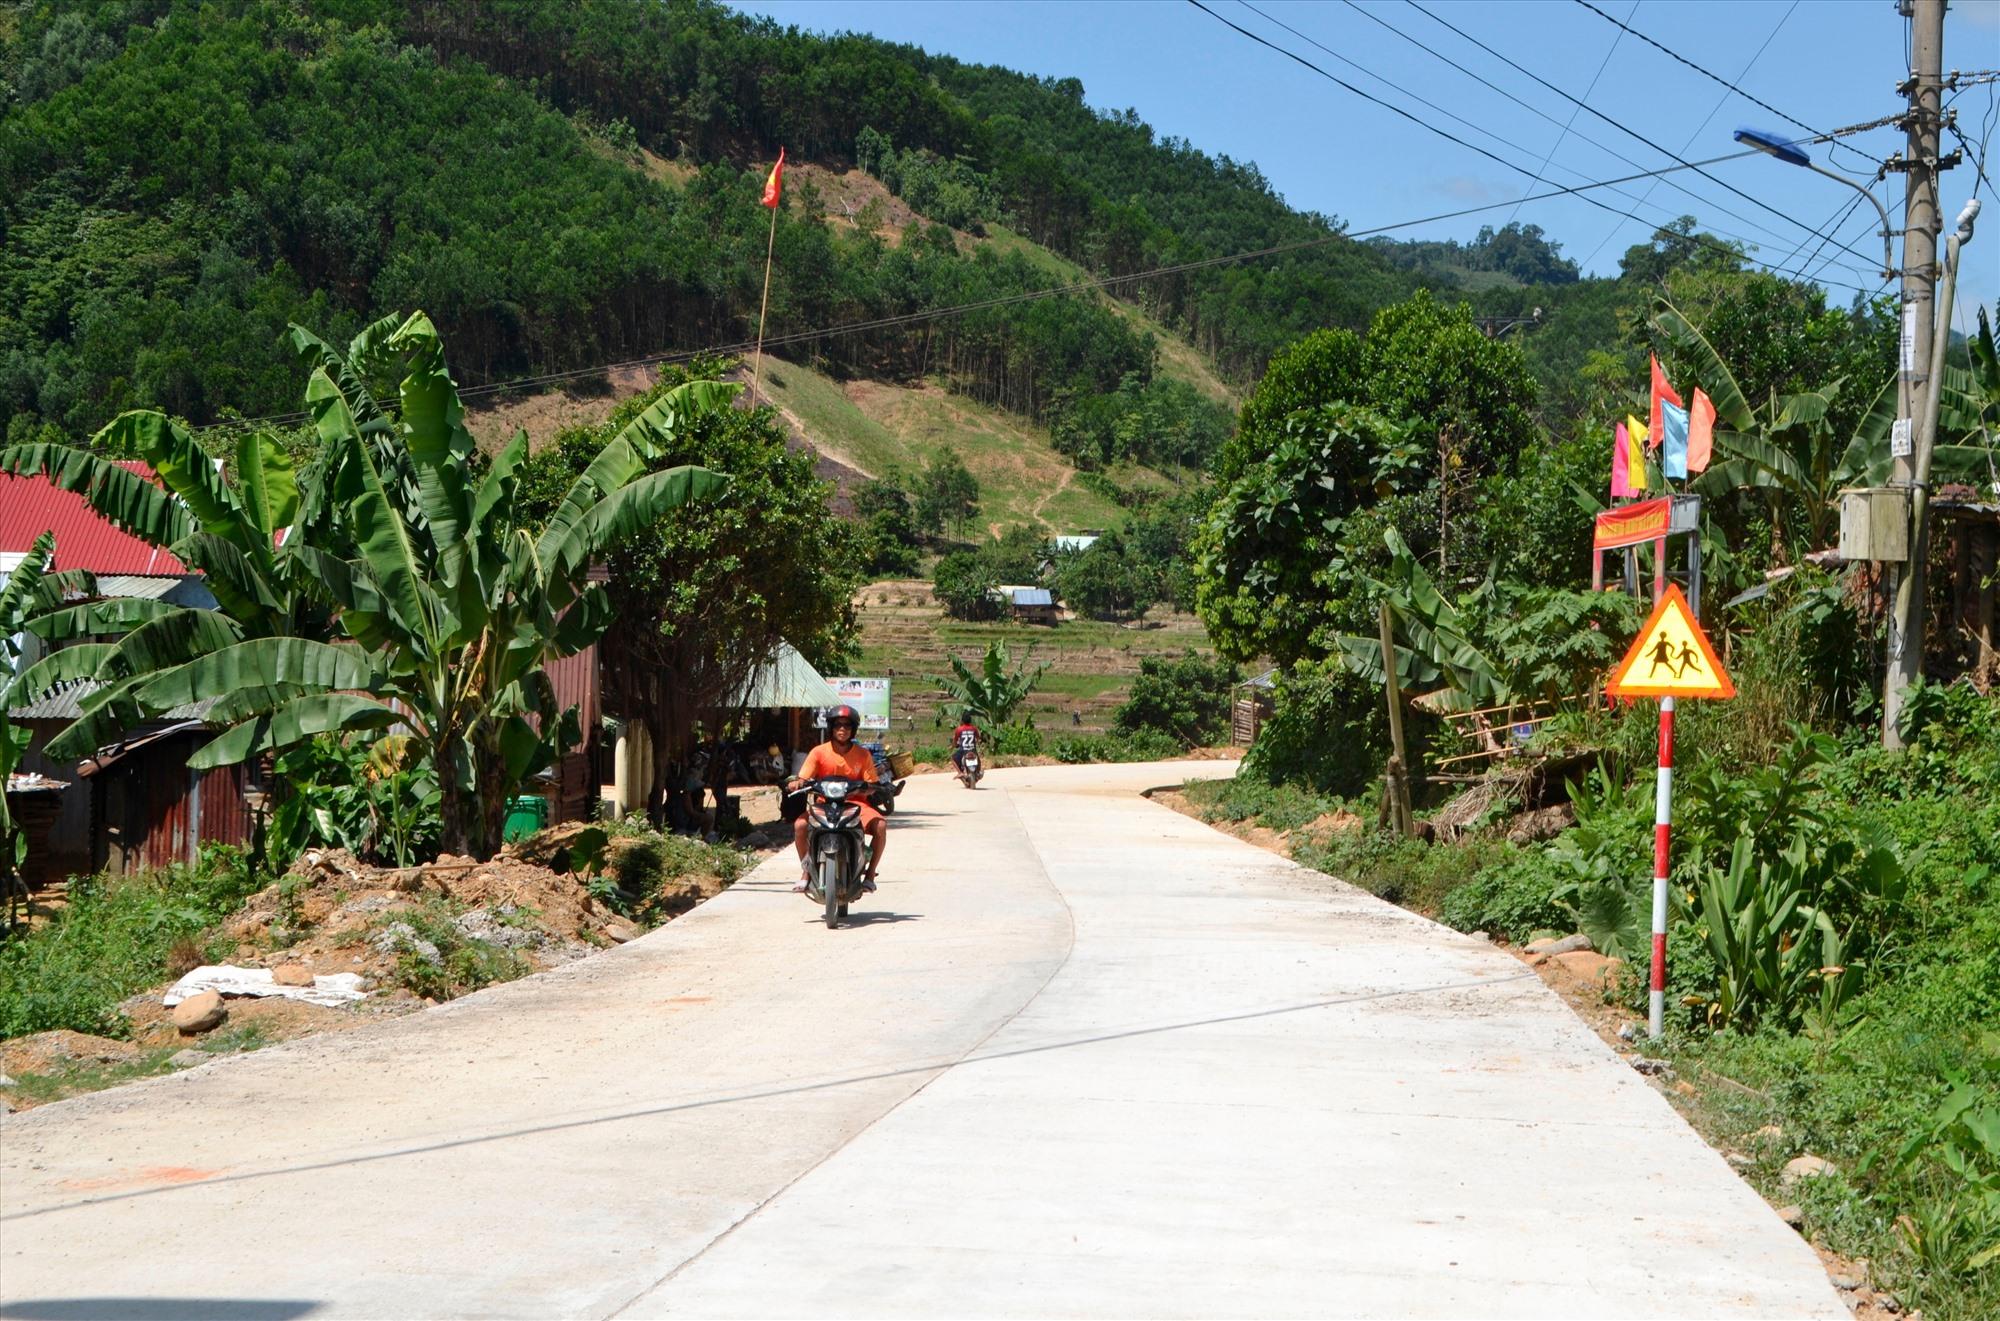 Tuyến đường ĐH5.ĐG được đầu tư kiên cố hóa gần 2,8km. Ảnh: C.T